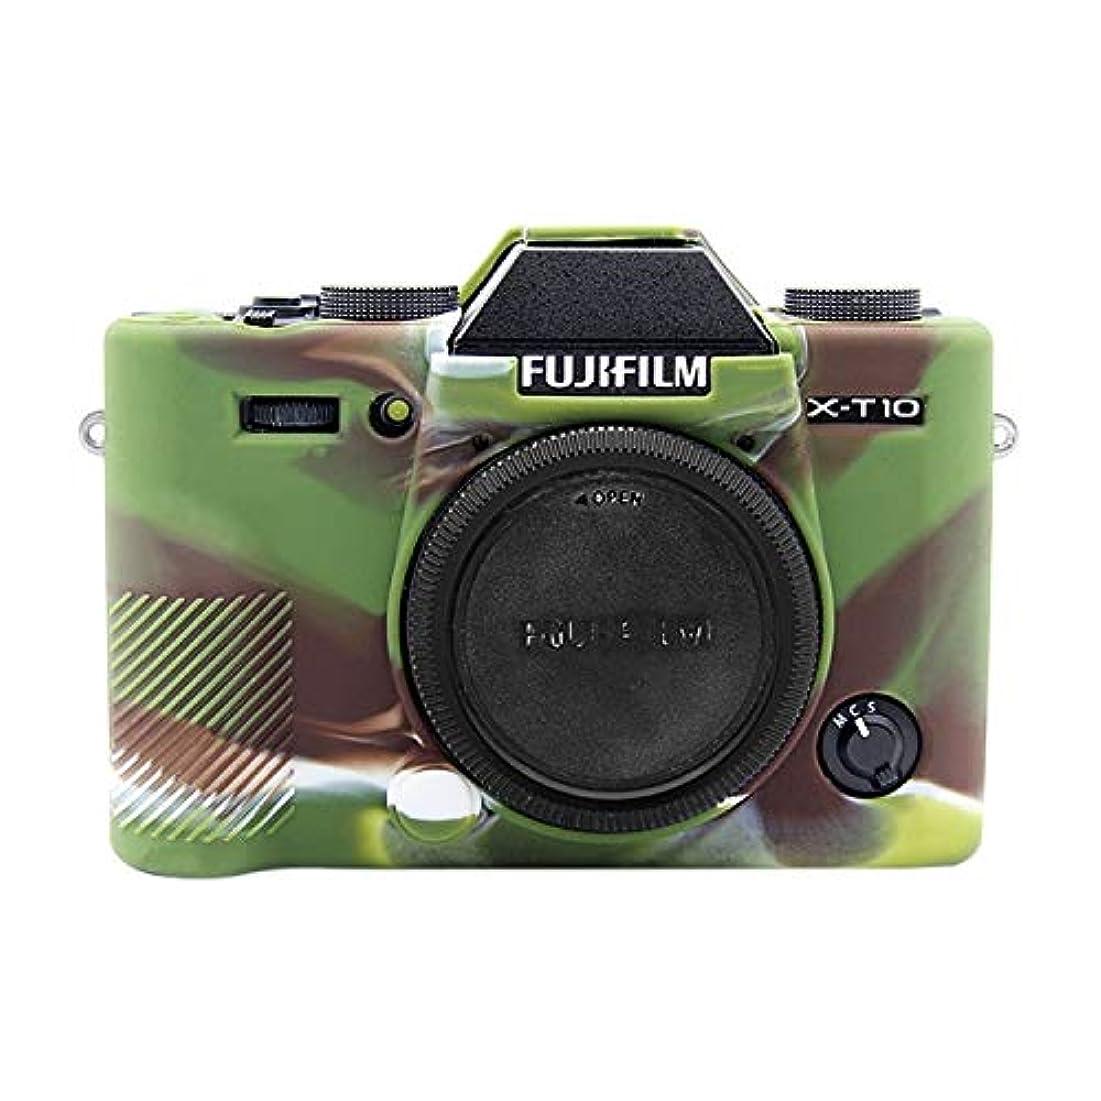 護衛過言知覚KUNPN カメラケースFUJIFILM XT10用PULUZソフトシリコン保護ケース (Size : Pu7122a)